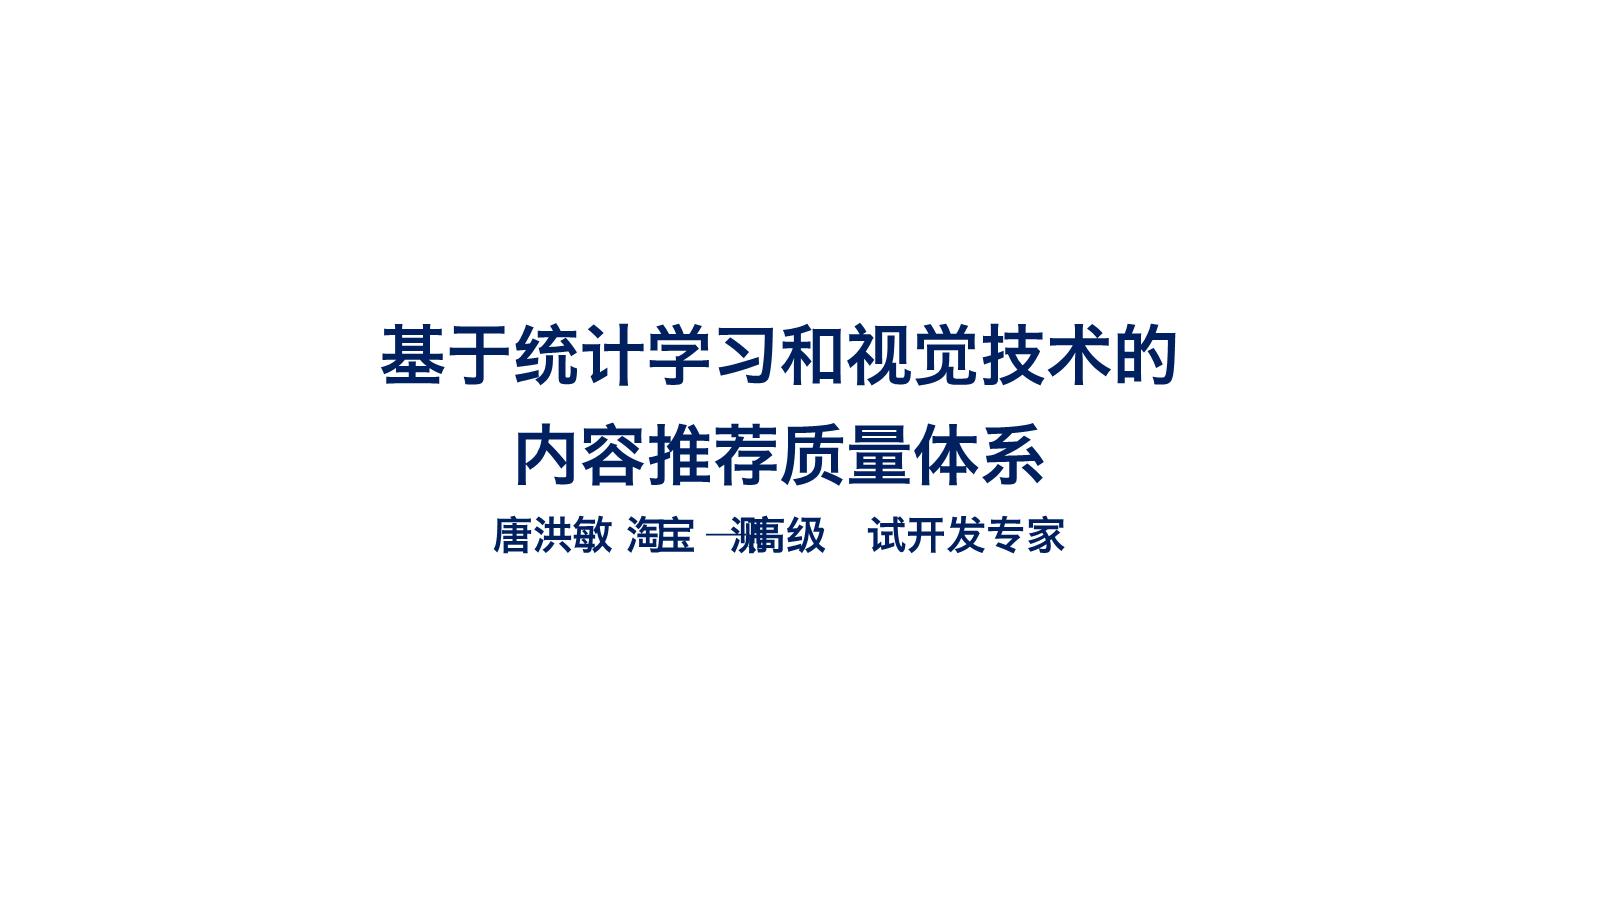 唐洪敏-内容推荐质量体系